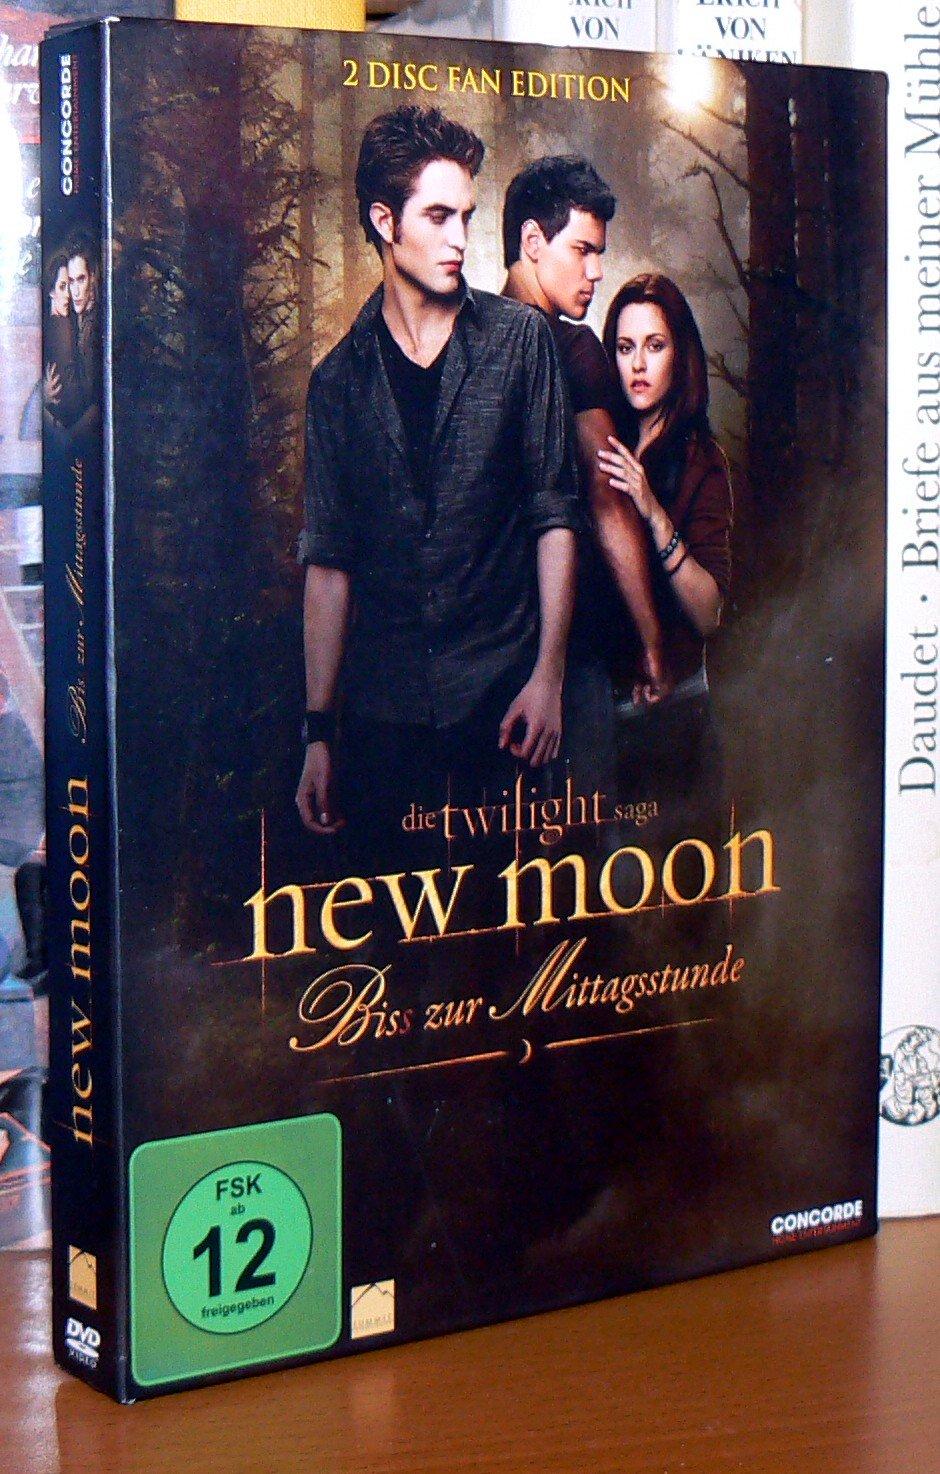 new moon biss zur mittagsstunde twilight saga teil 2 fan chris weitz film gebraucht. Black Bedroom Furniture Sets. Home Design Ideas